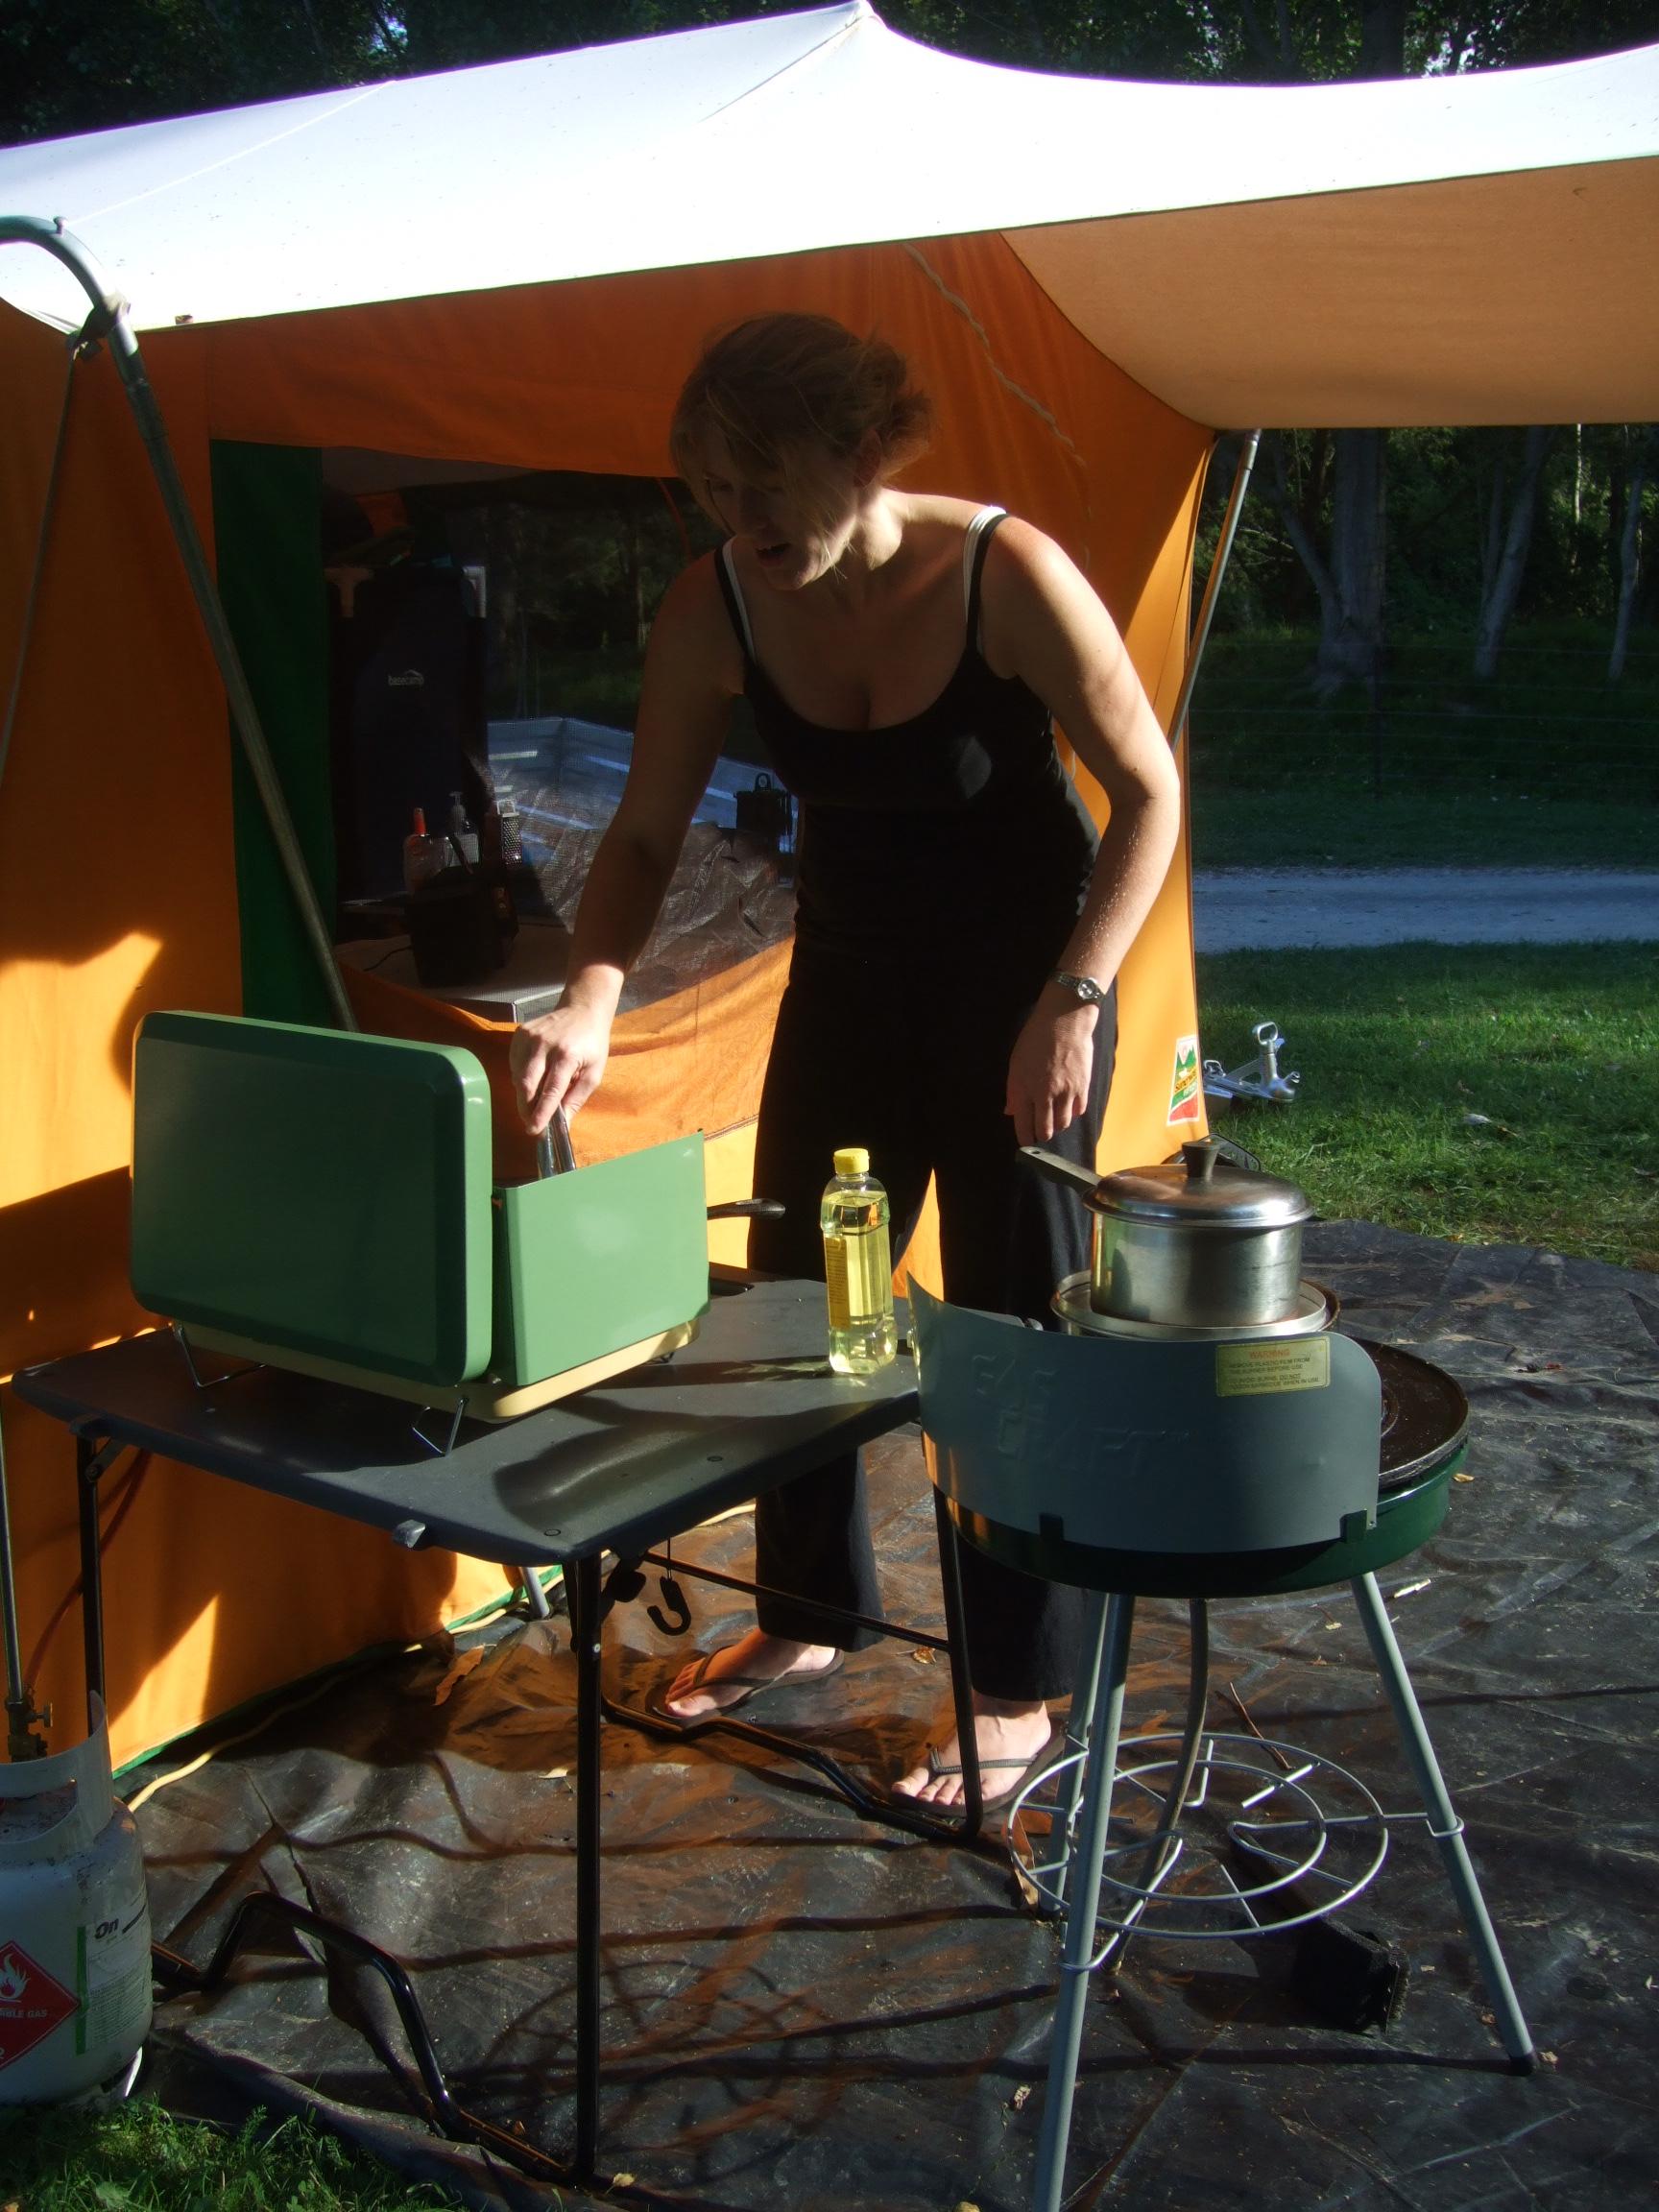 Bec being Camp Mum